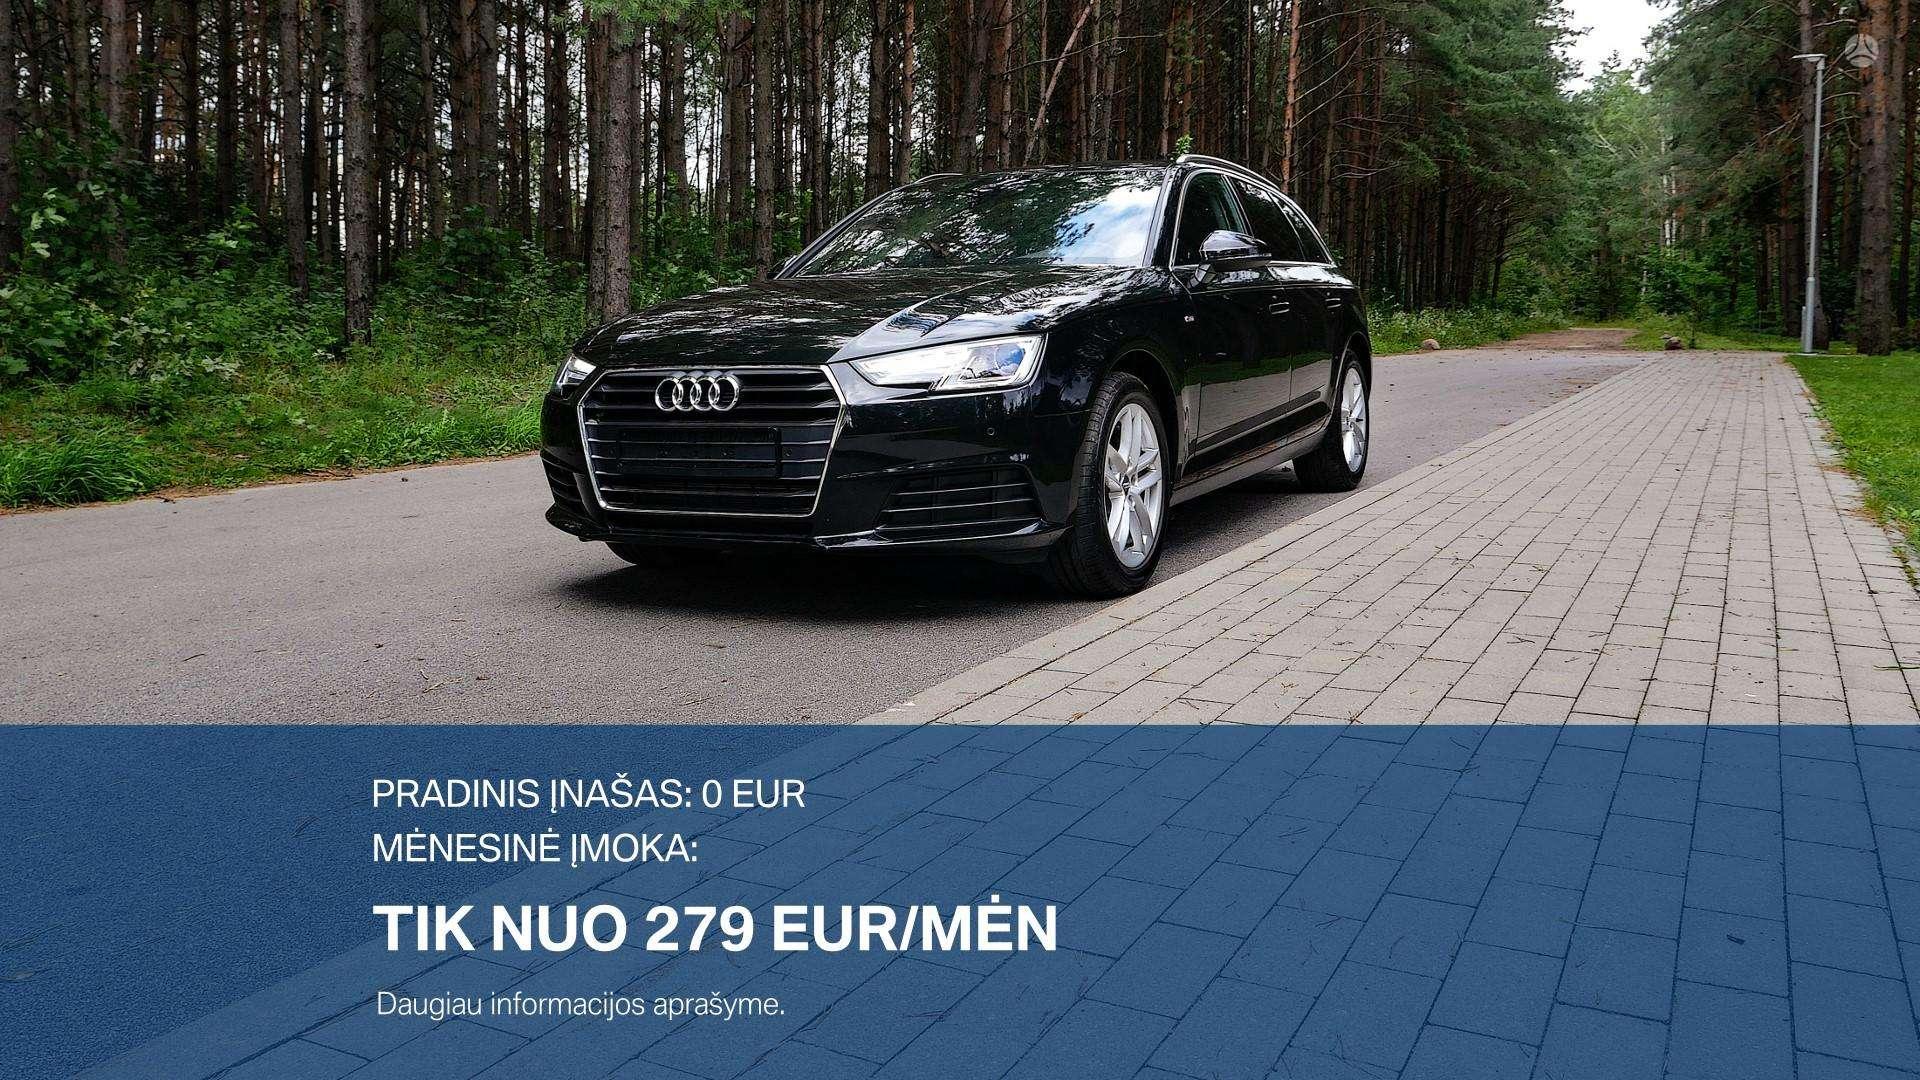 Audi A4 Išsimokėtinai nuo 279Eur/Mėn su 3 mėnesių garantija